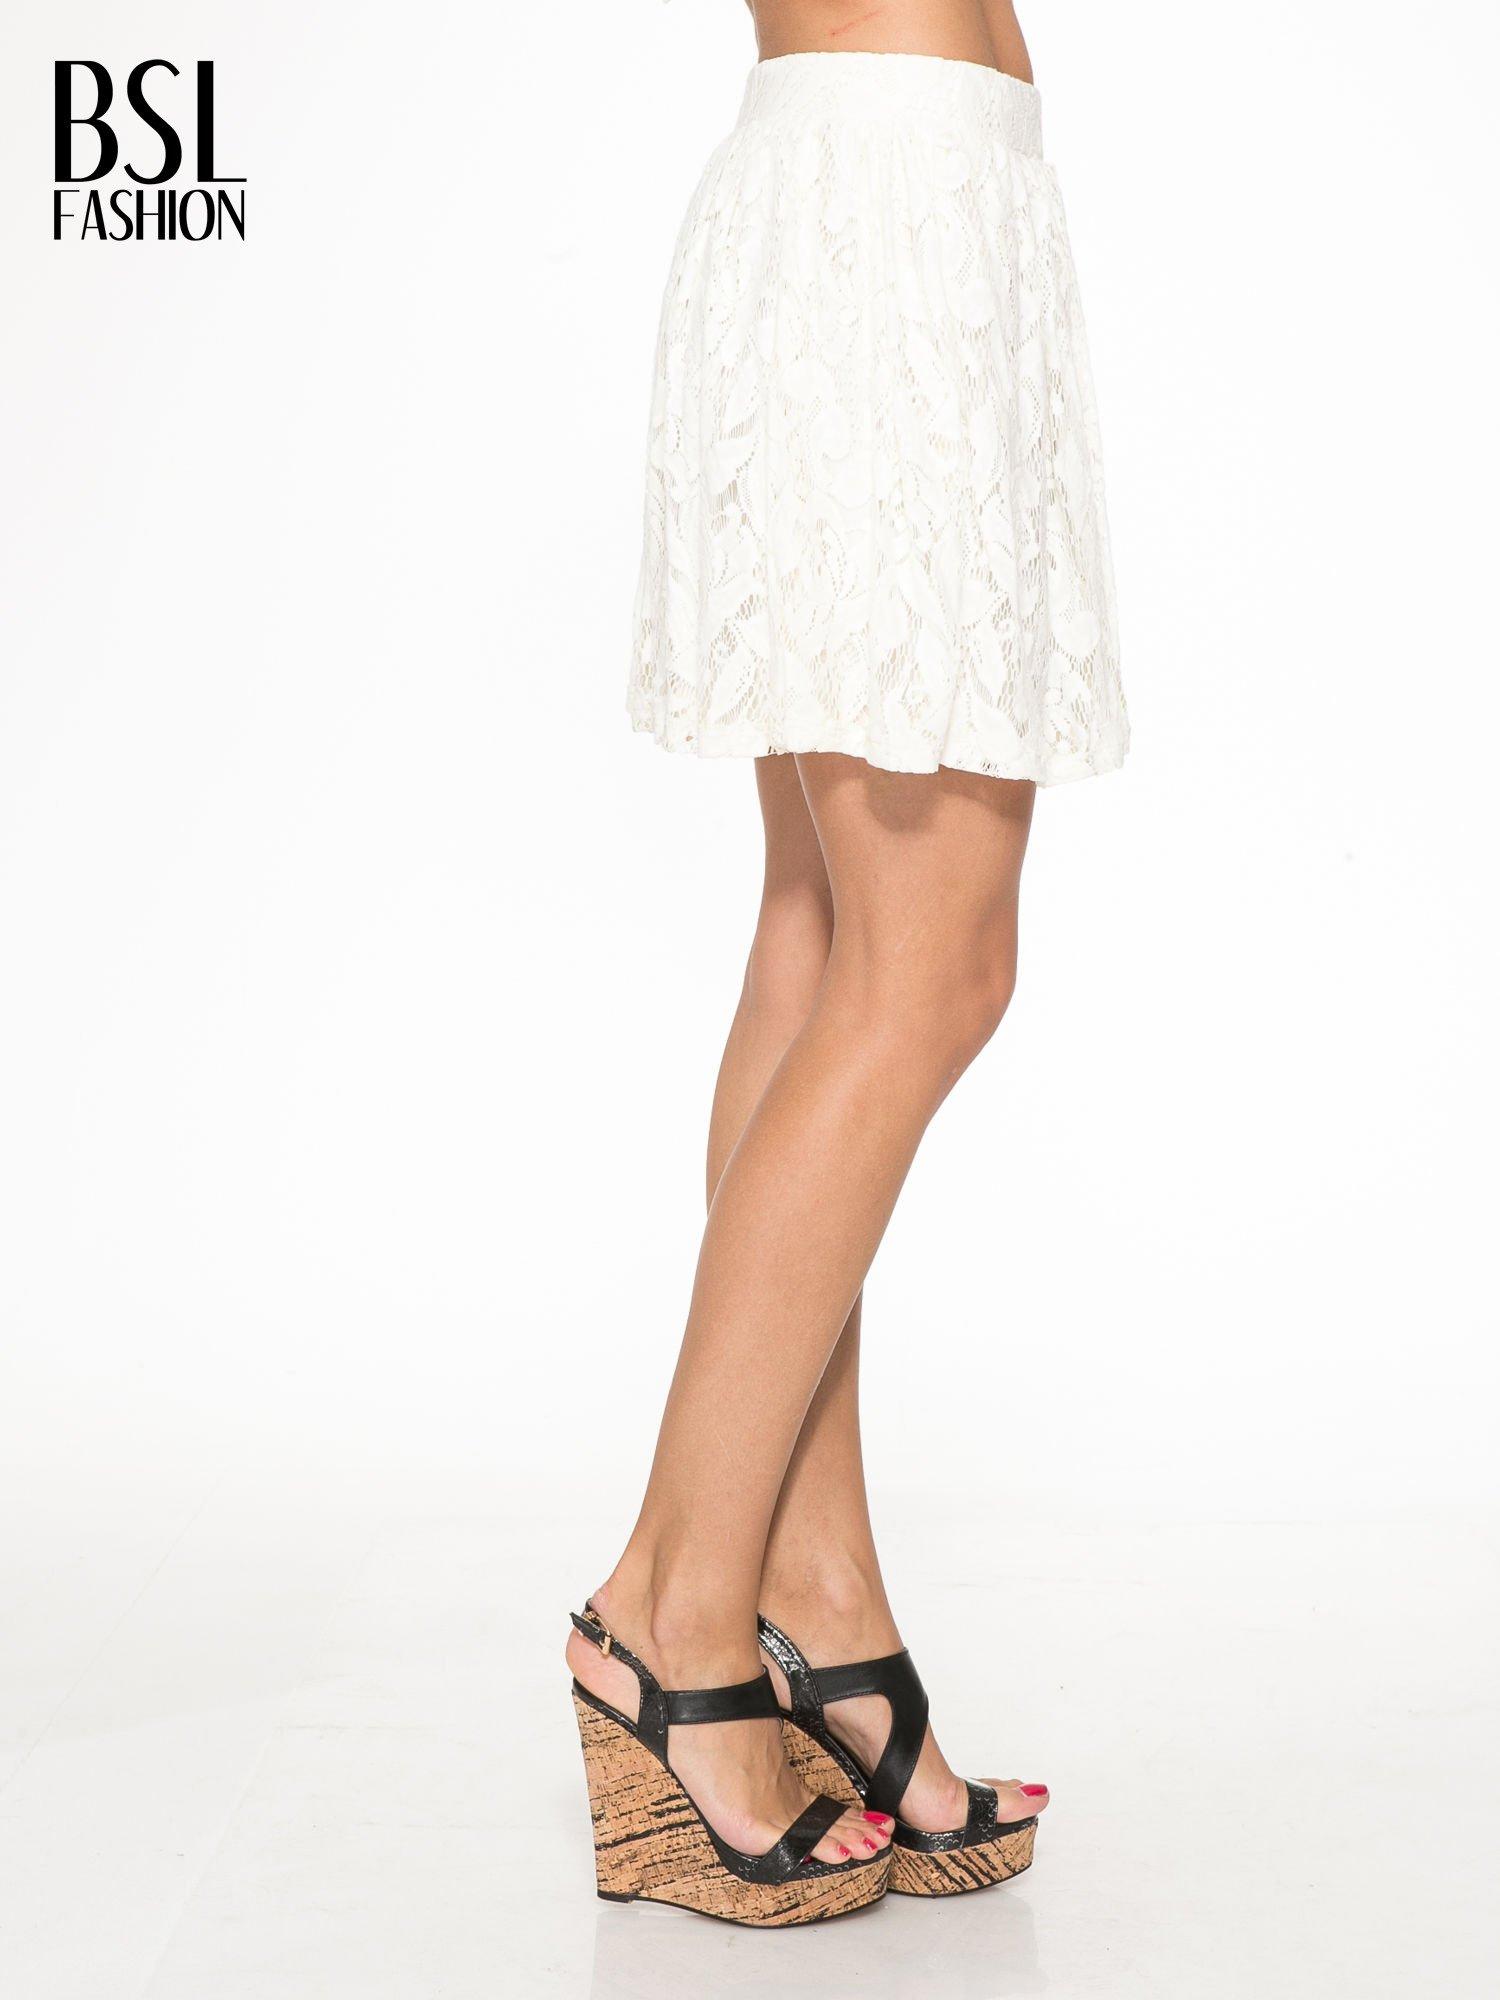 Kremowa koronkowa mini spódniczka na gumkę                                  zdj.                                  3